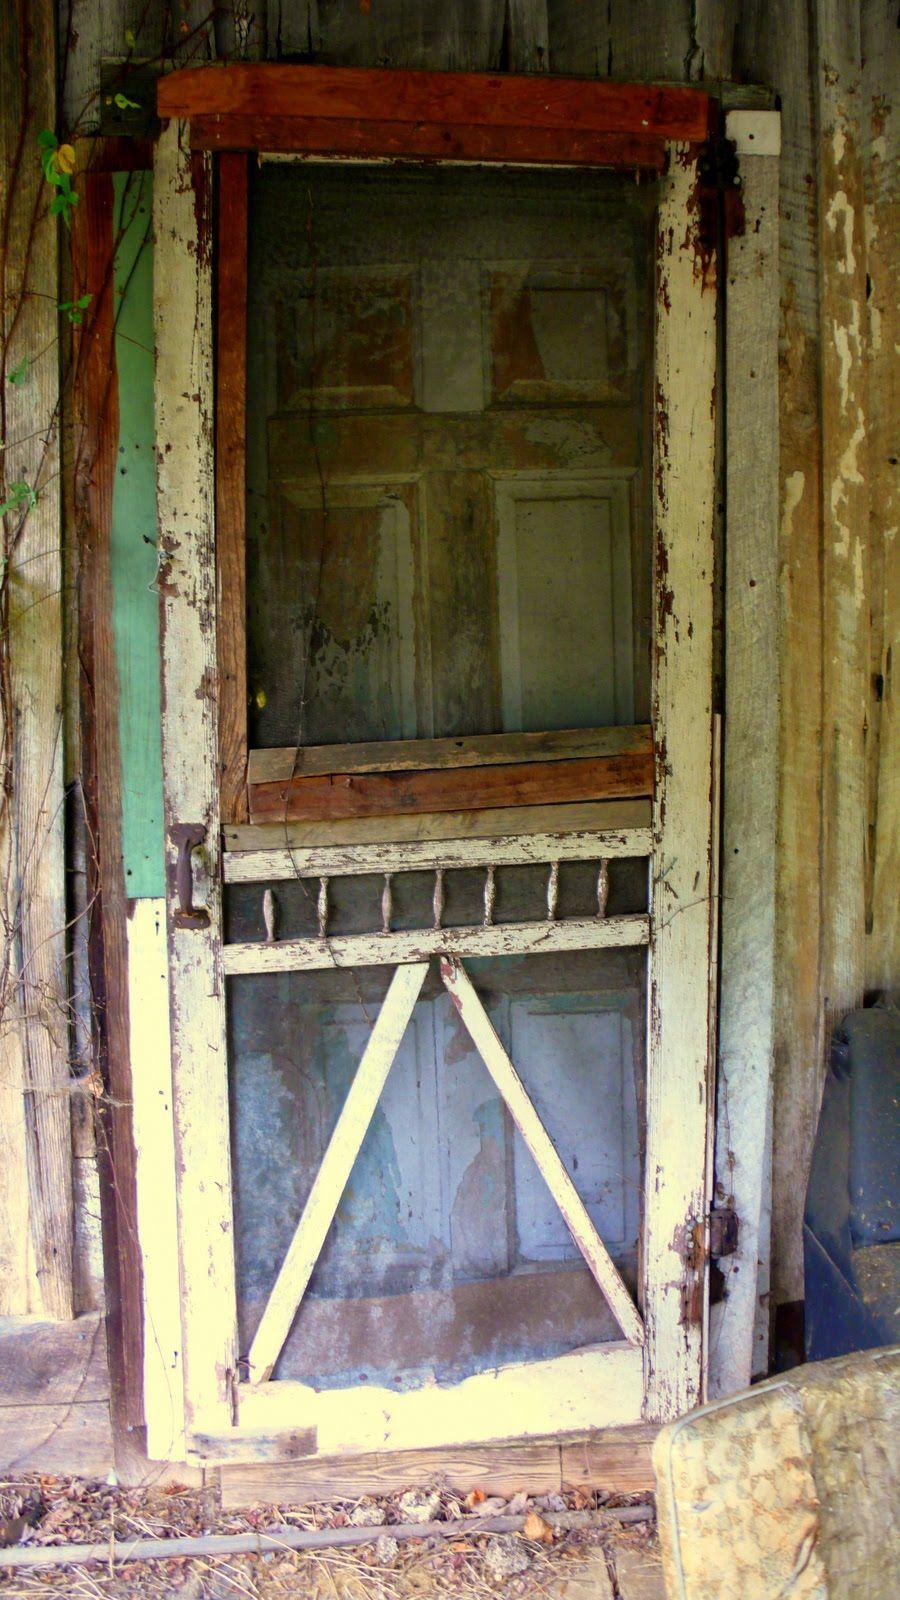 Forgotten Screen Door I So Love Wooden Screen Doorsthe Sound Of